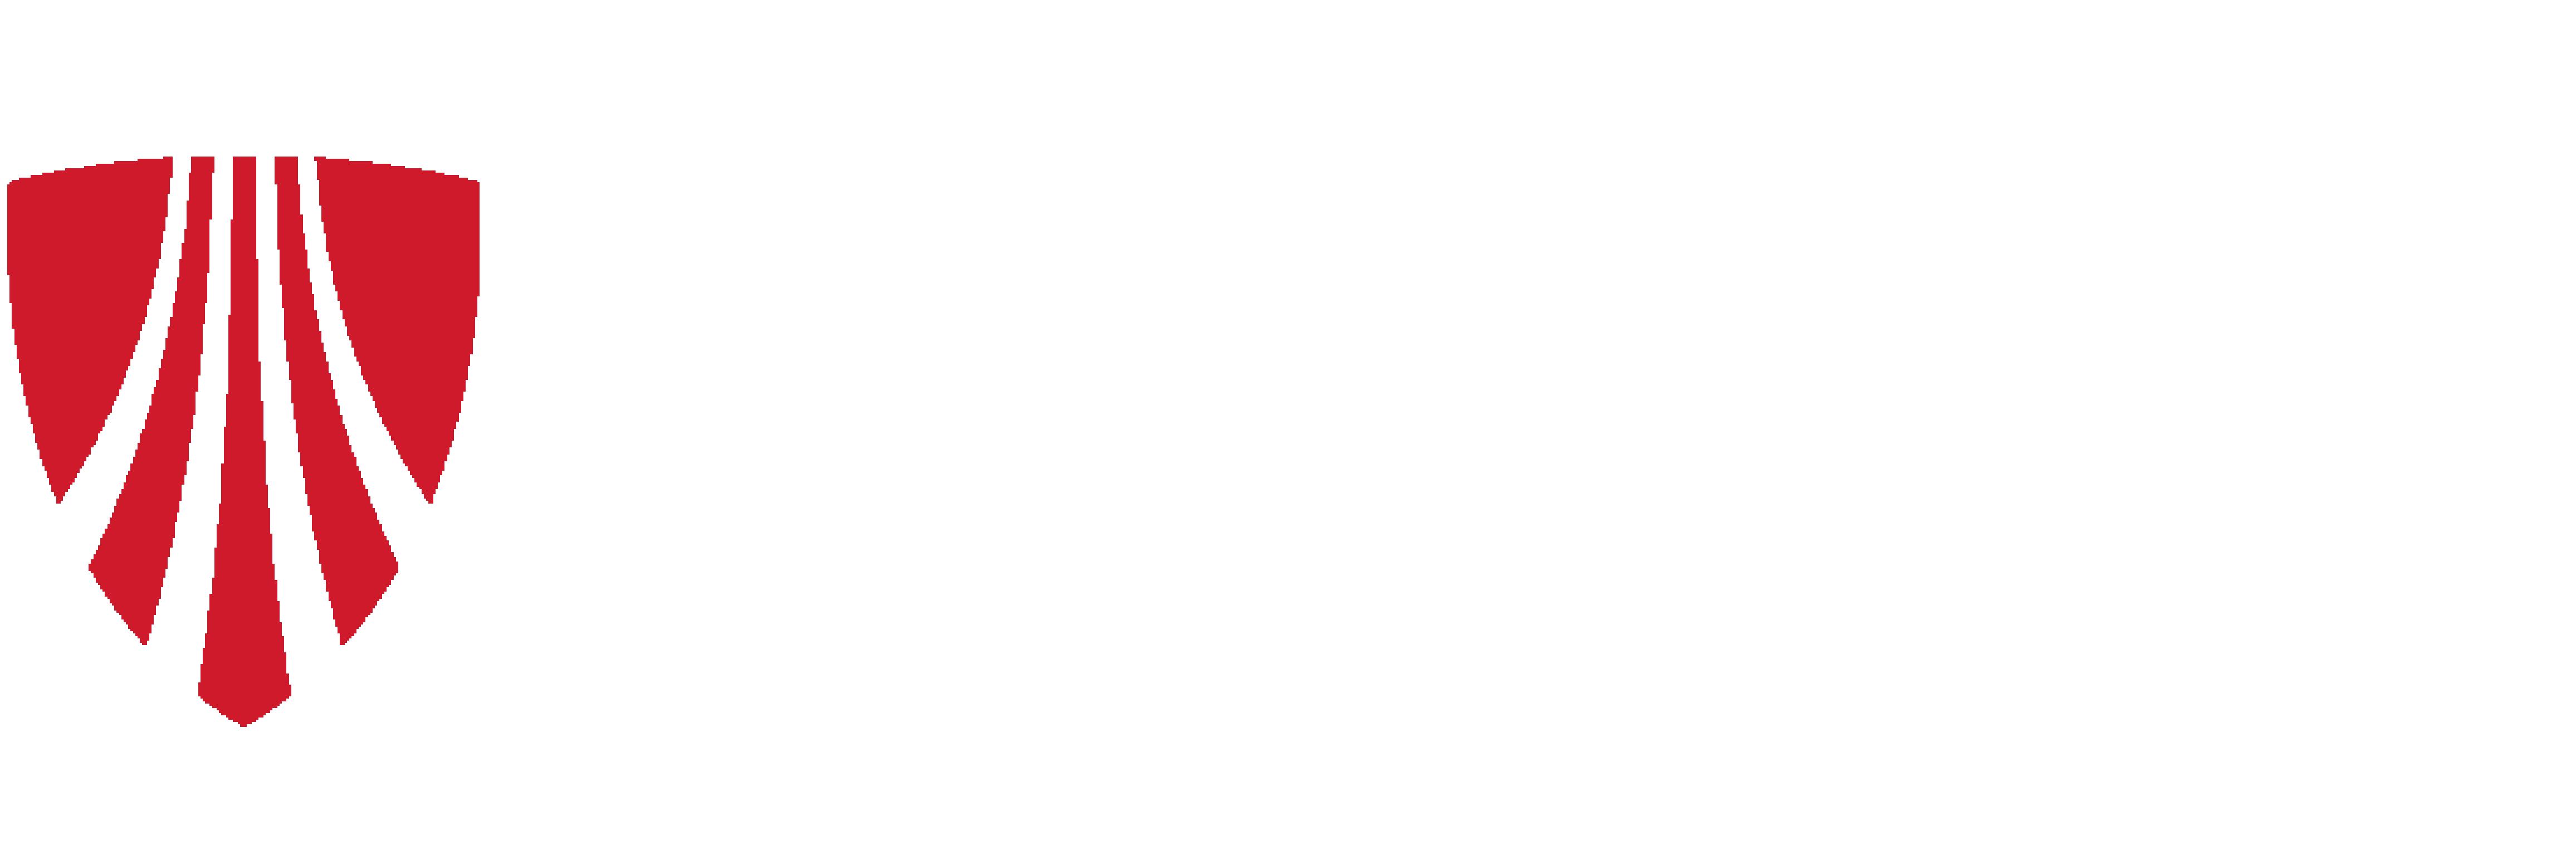 Browse Trek